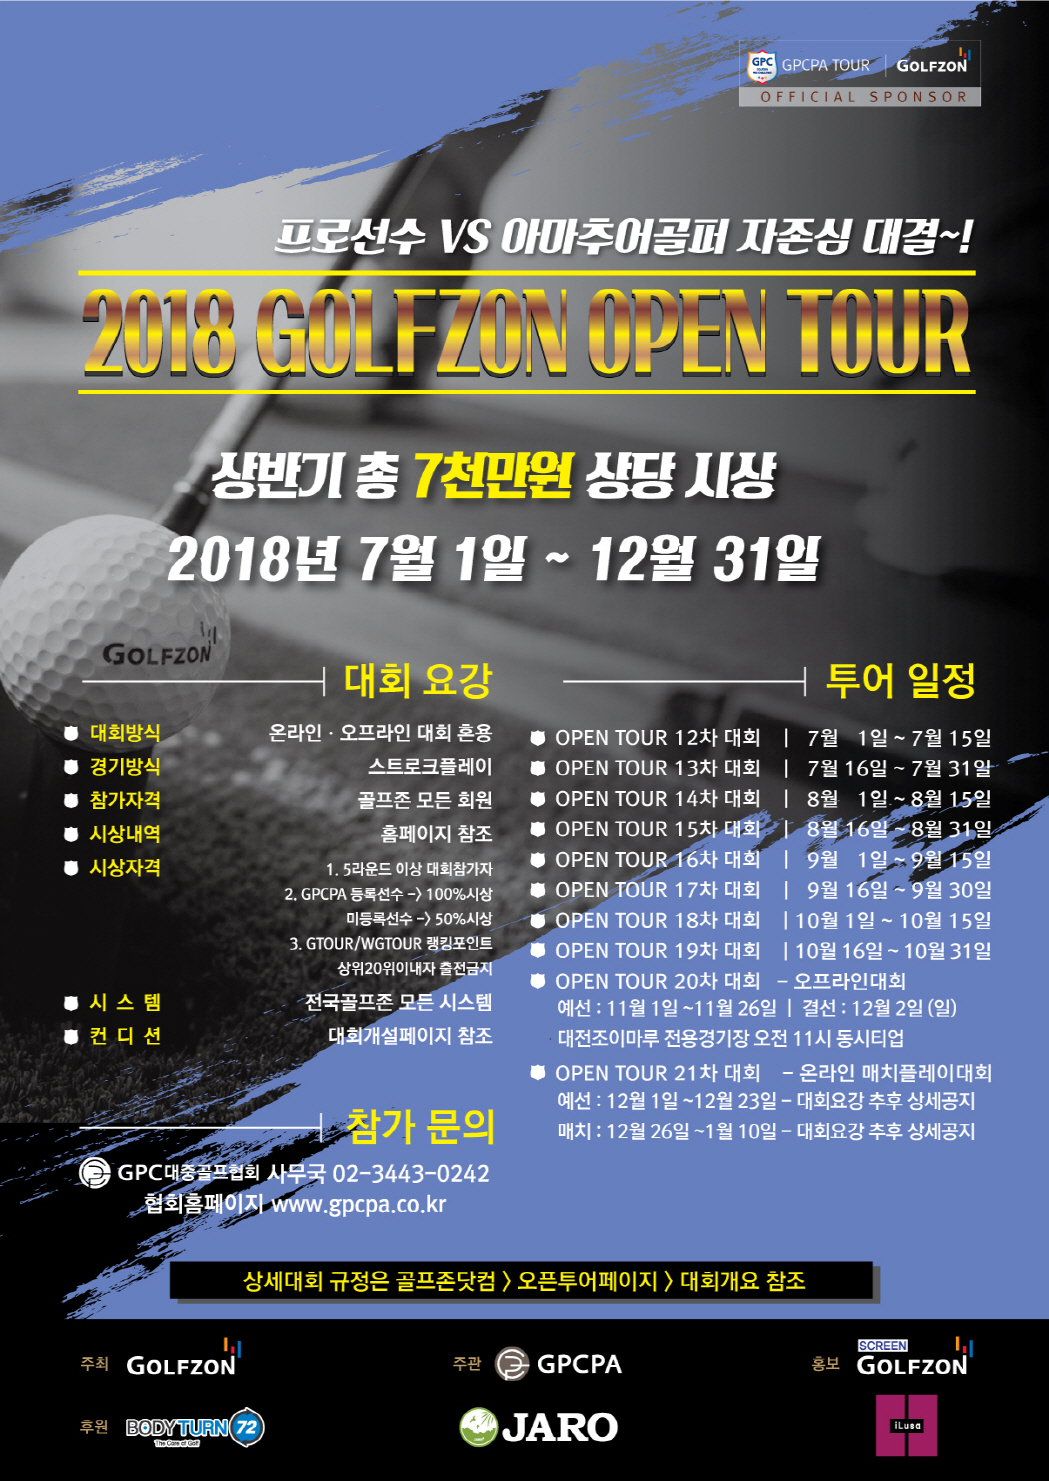 2018 오픈투어 챔피언십